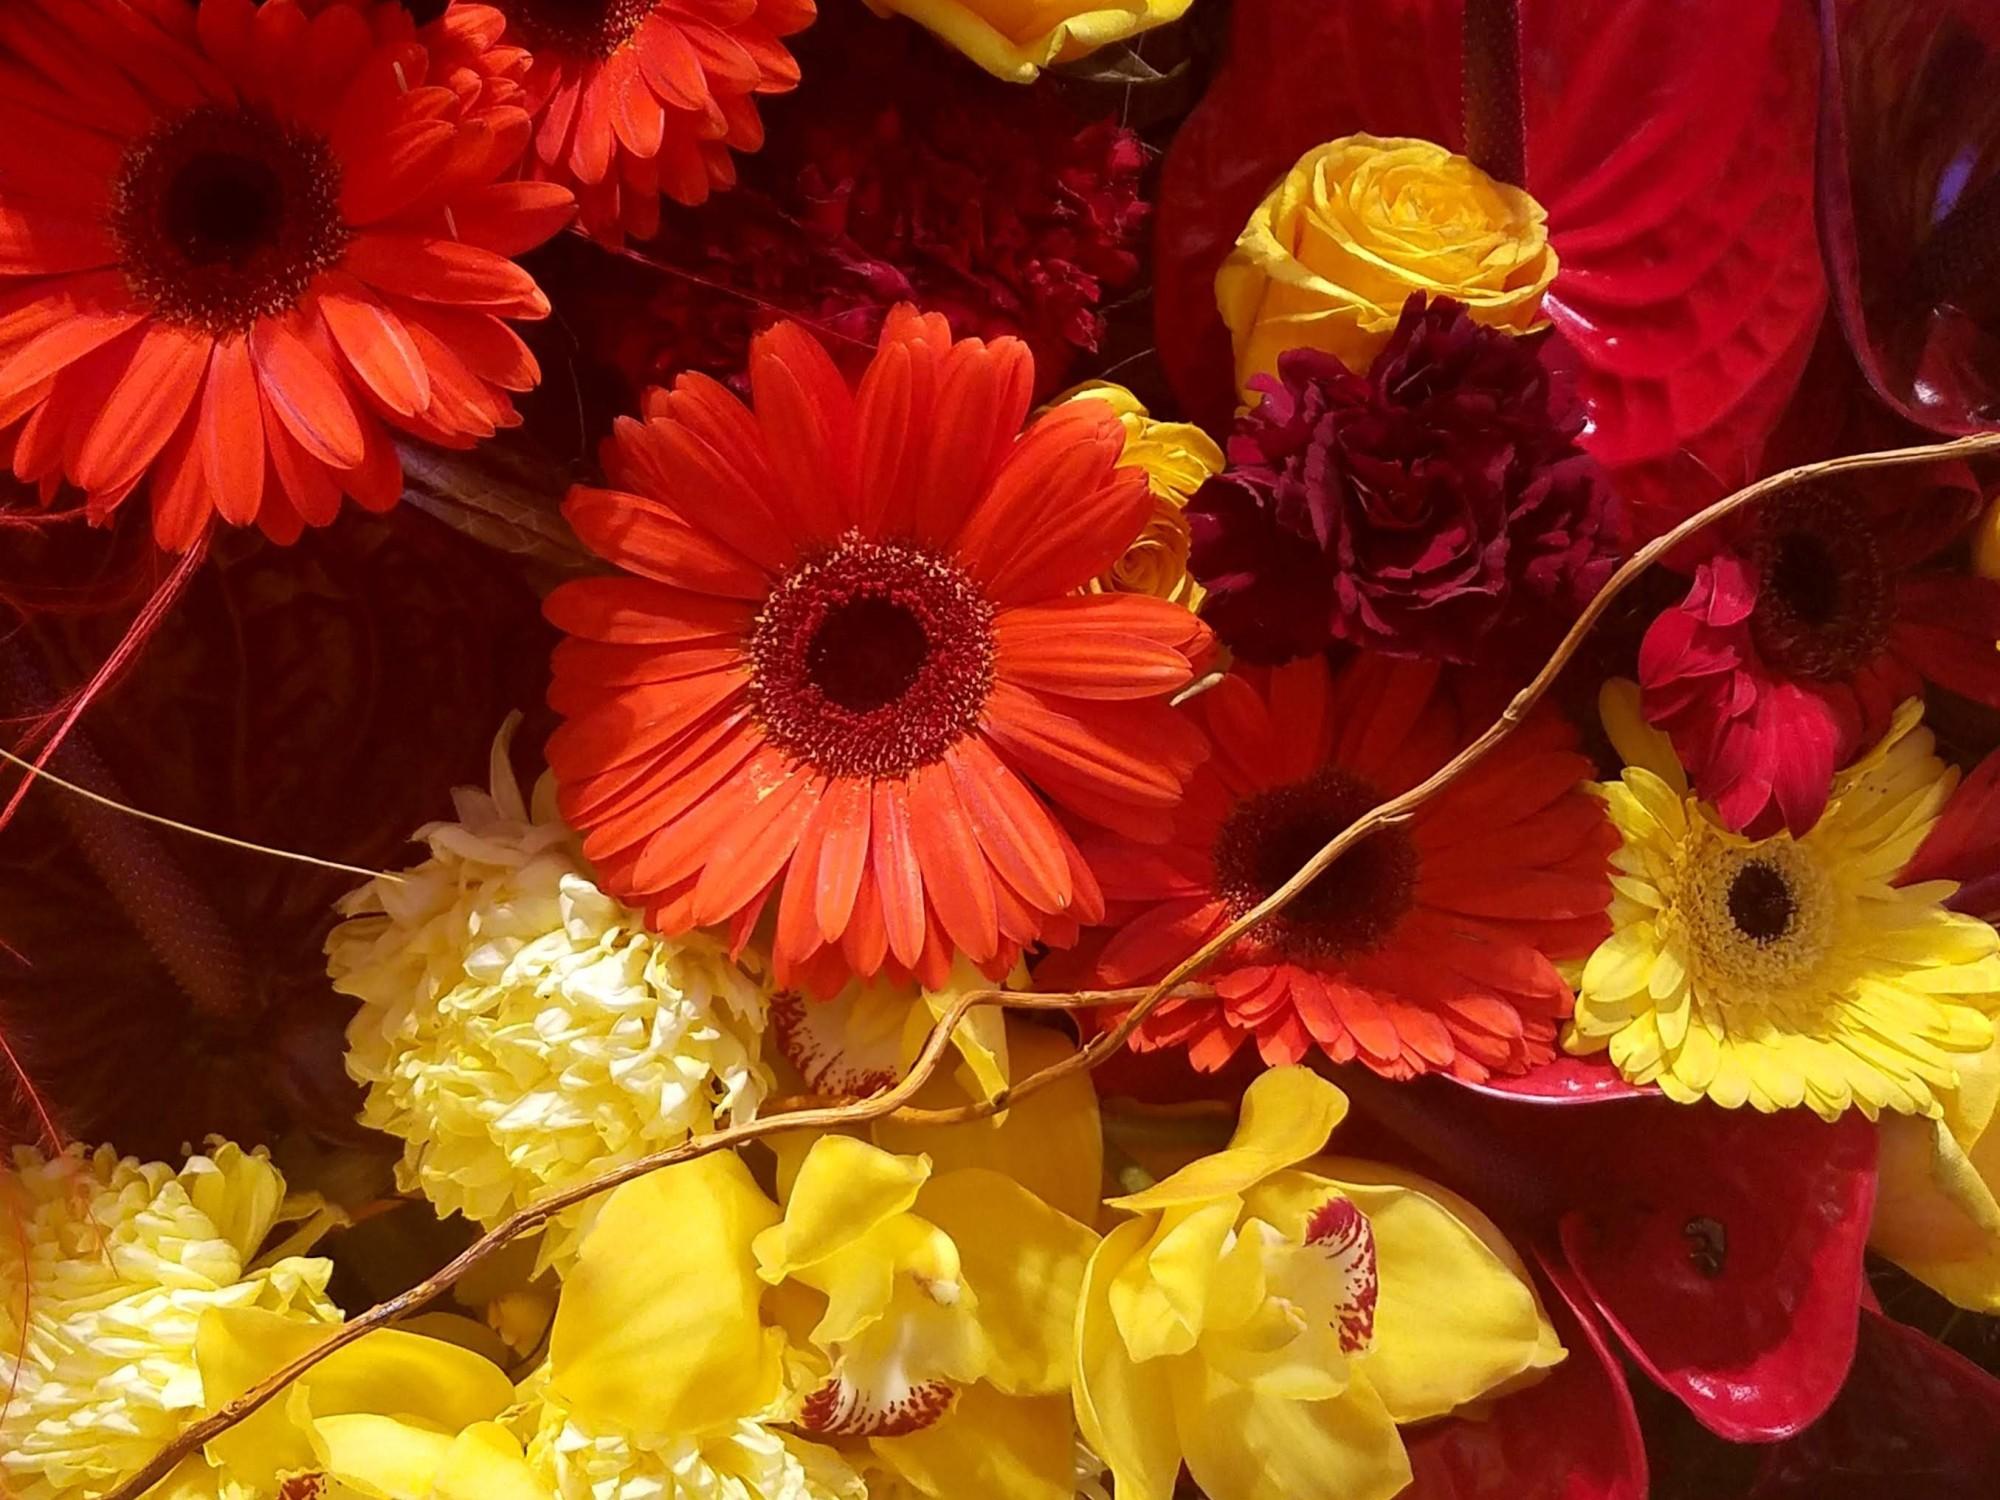 red and yellow flowers, assortment, arrangemment, art, photography, lensmomentns